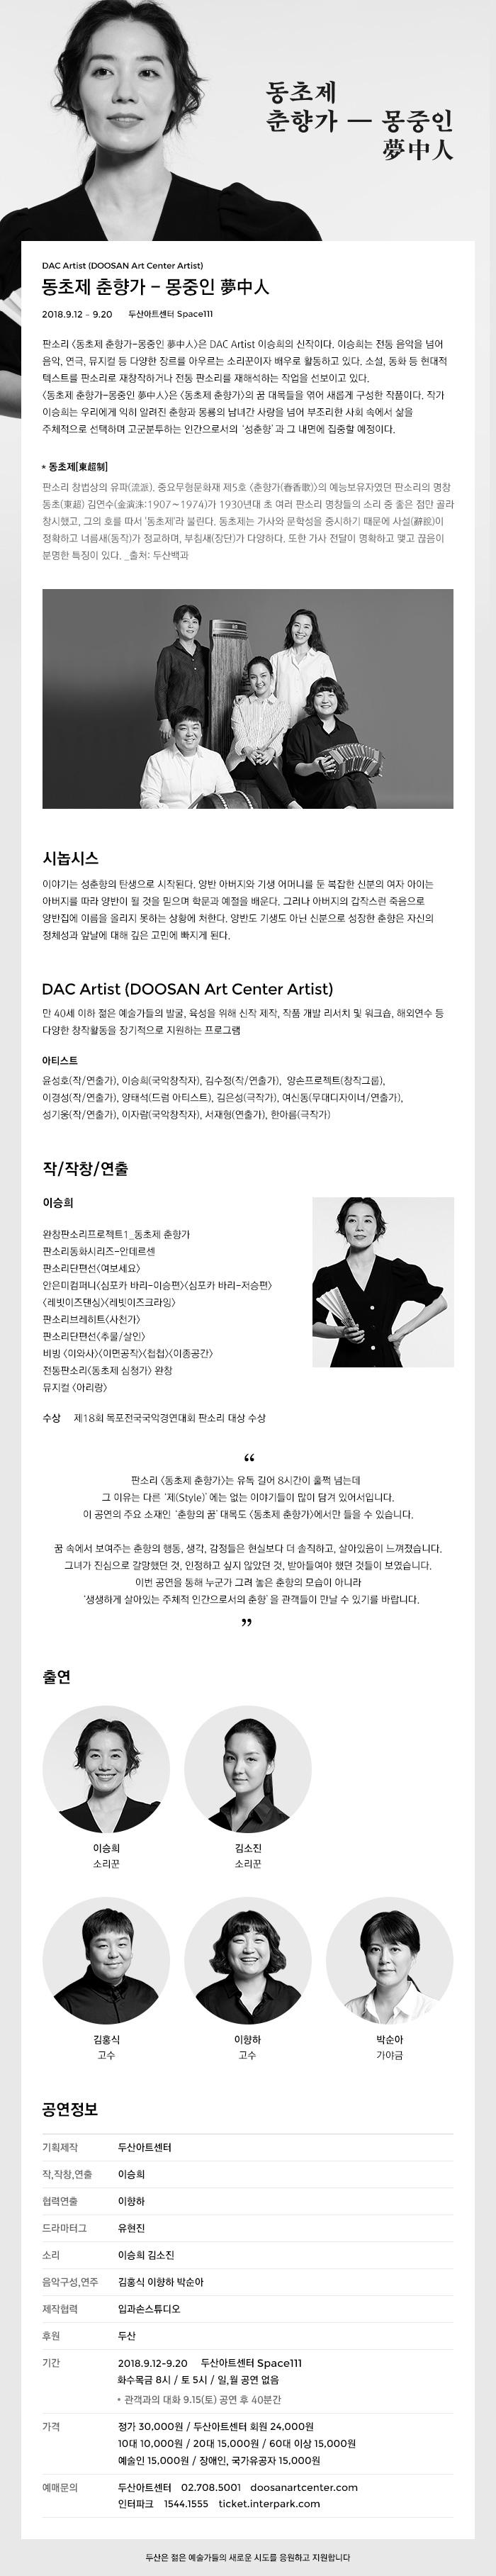 이승희_상세페이지(최종).jpg